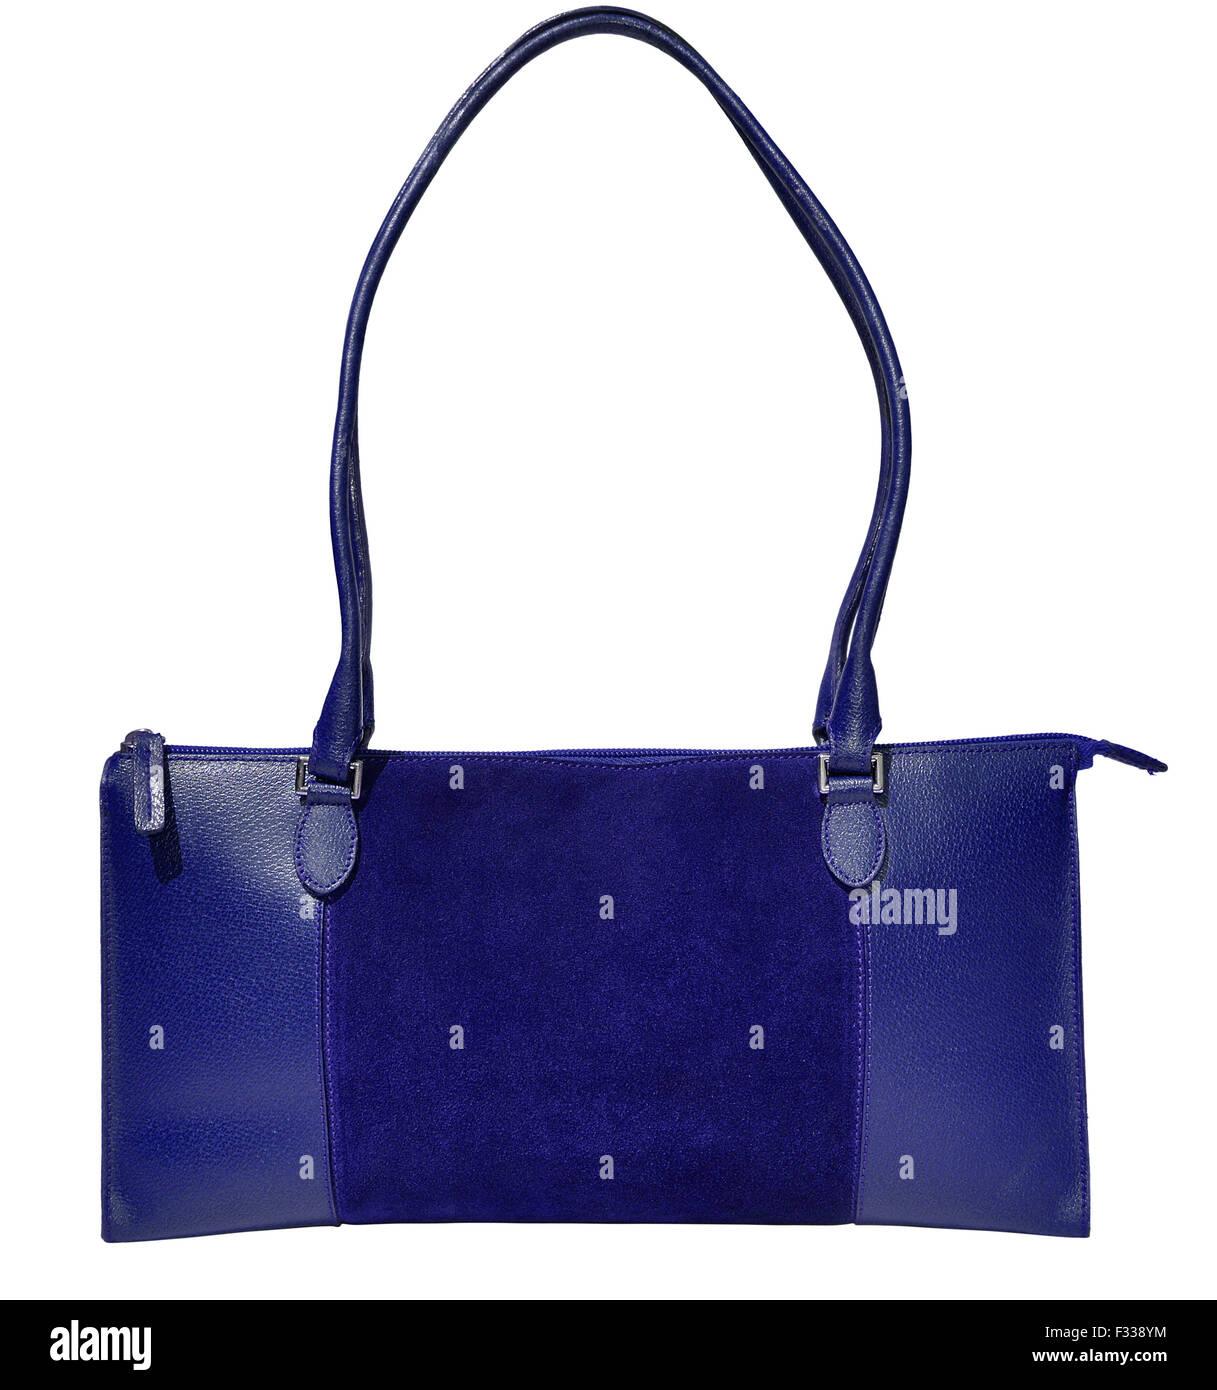 32305947c9aa7 Blaue Handtasche Stockfotos   Blaue Handtasche Bilder - Alamy